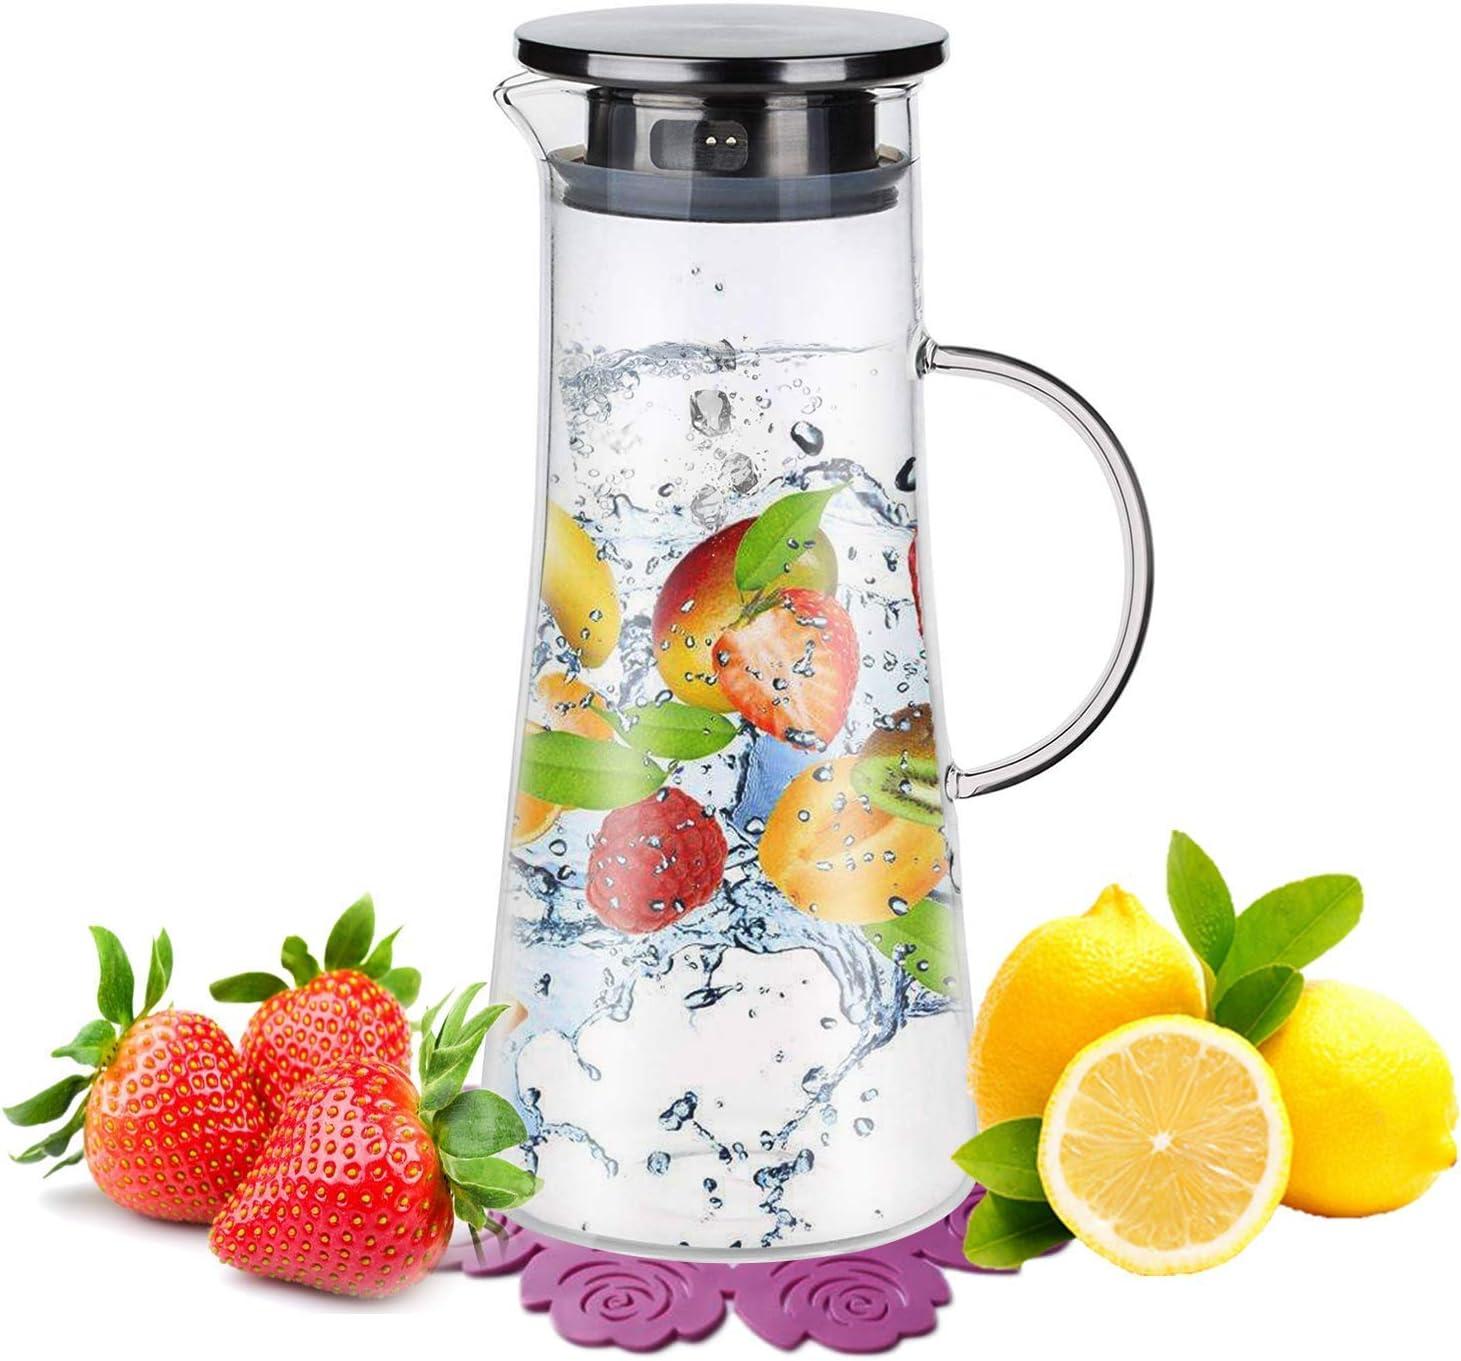 Jarras de Cristal,BOQO Jarras Para Agua,Botella de cristal y tapa acero inoxidable,Jarra Agua 1500ml Jarras de Vidrio